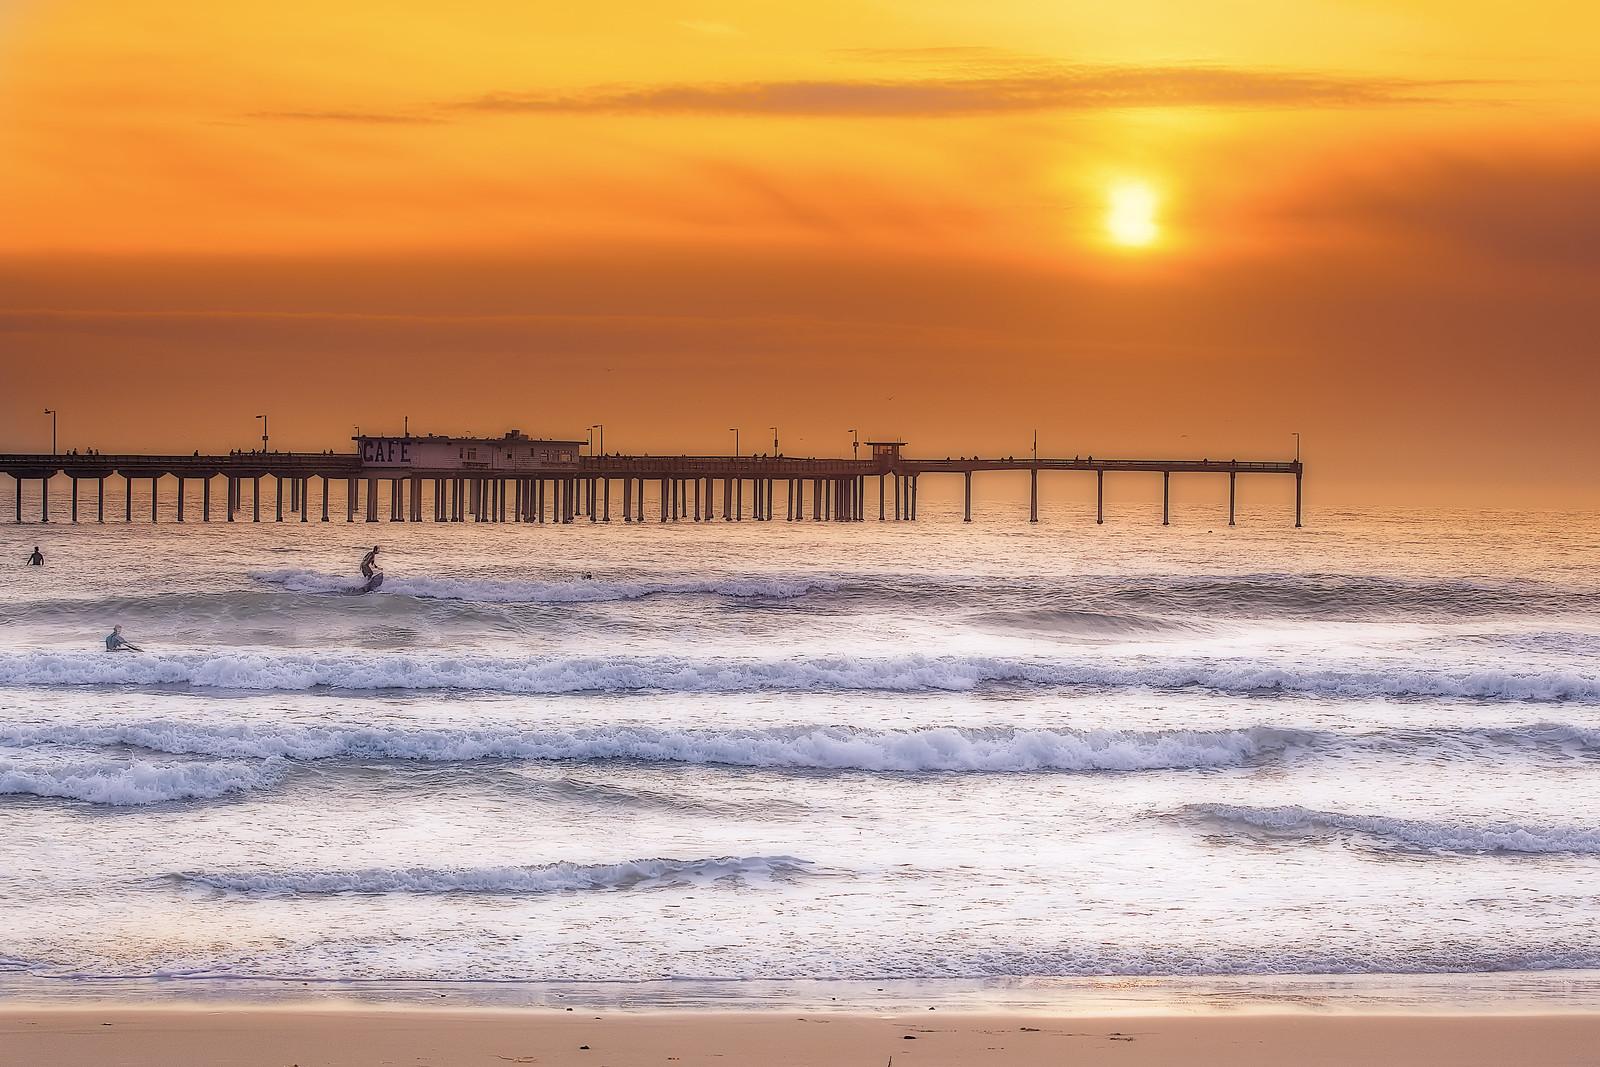 Ocean Beach, San Diego, California, USA